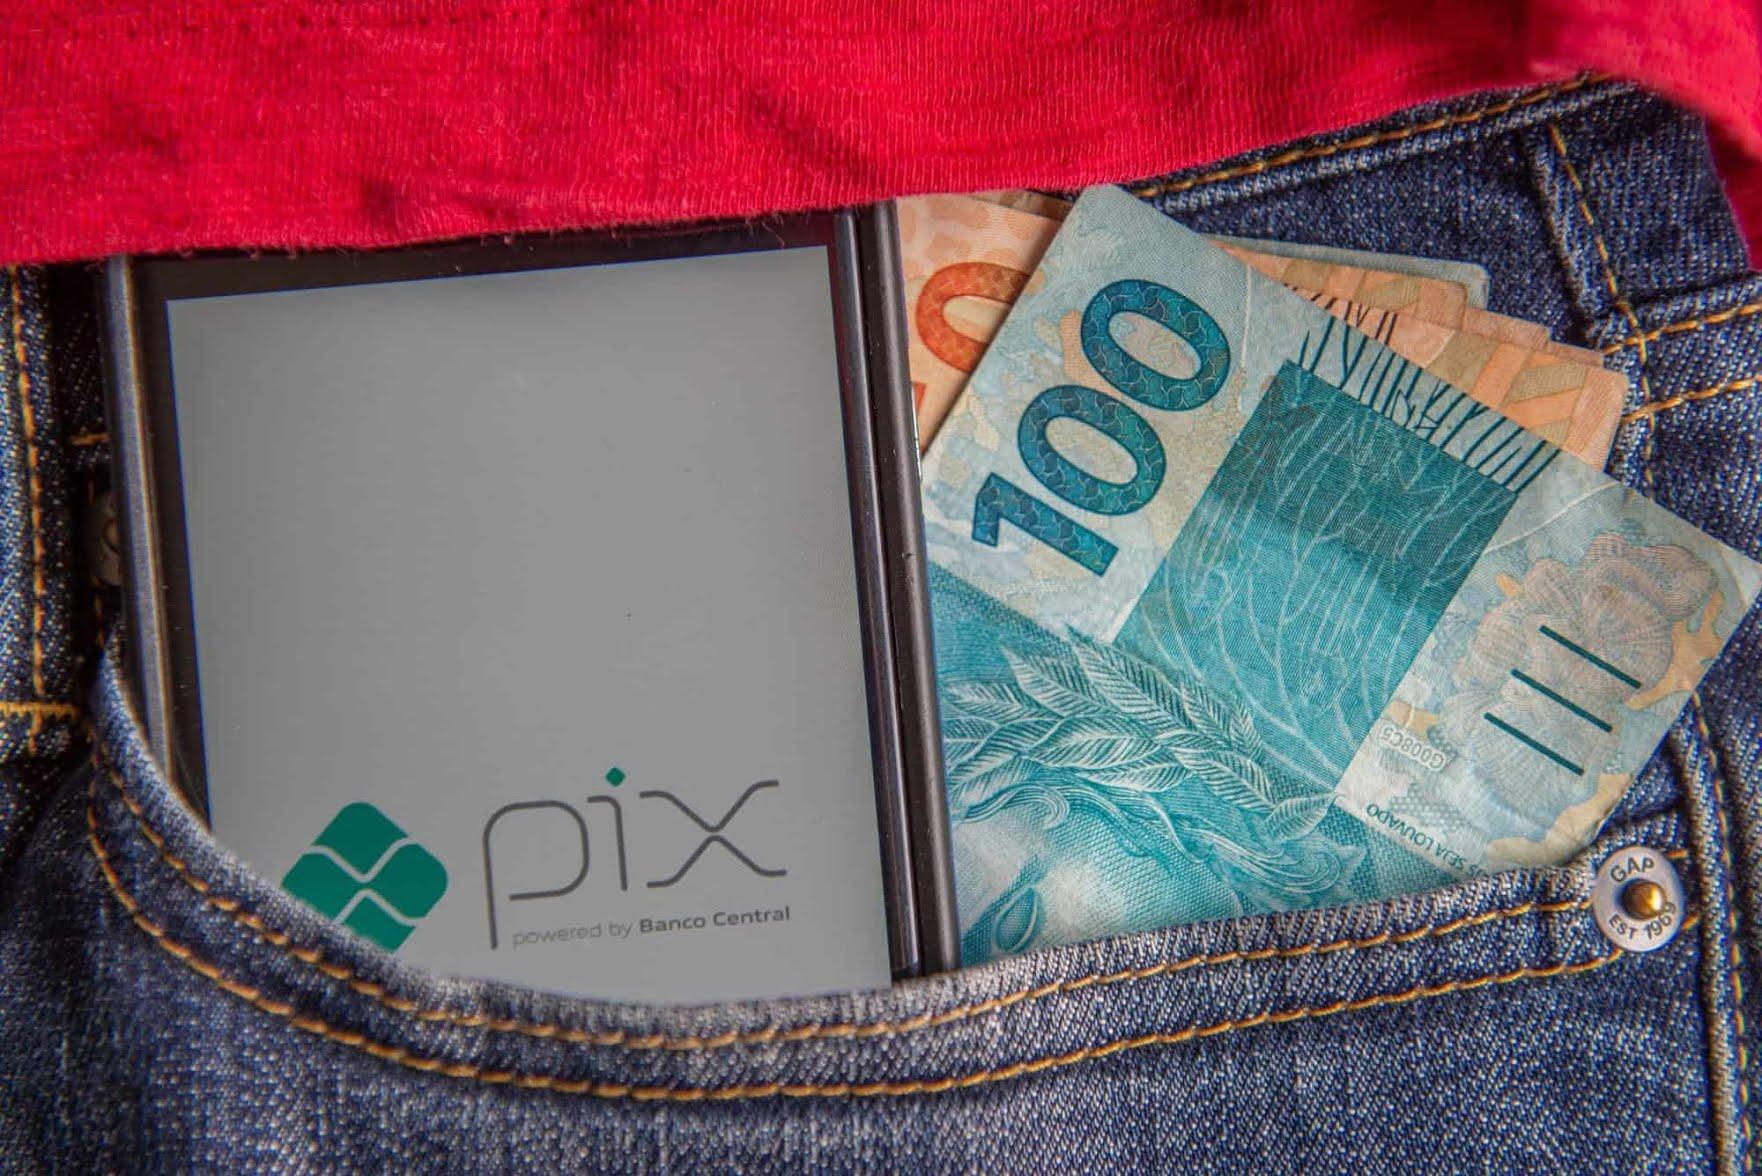 Golpes via PIX se popularizam e recuperar o dinheiro fica mais difícil